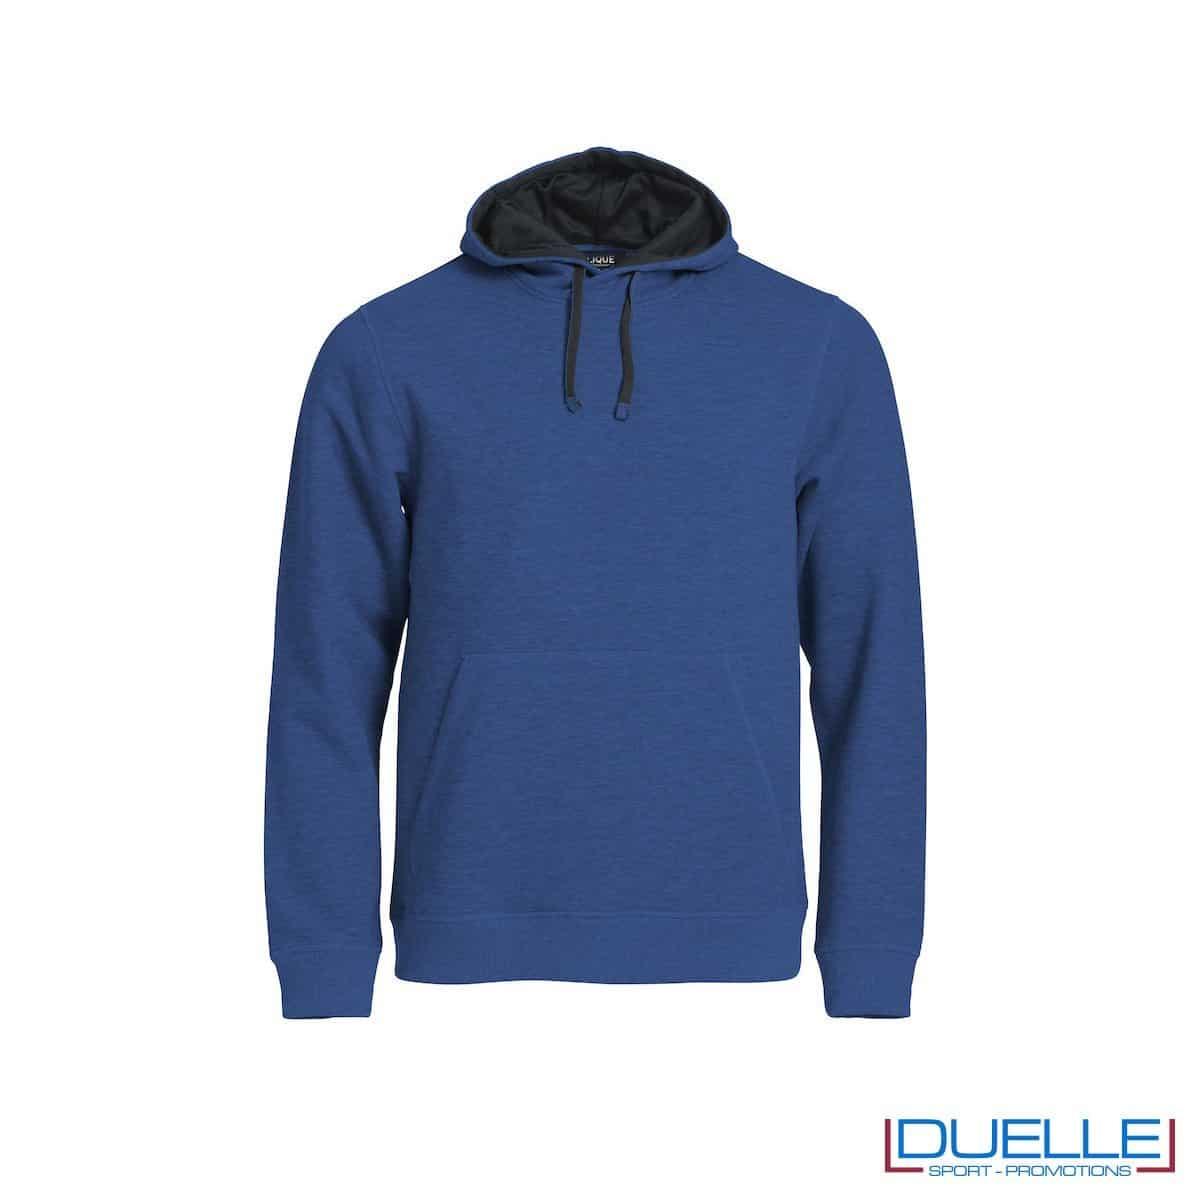 Felpa con cappuccio foderato e marsupio personalizzata colore blu melange